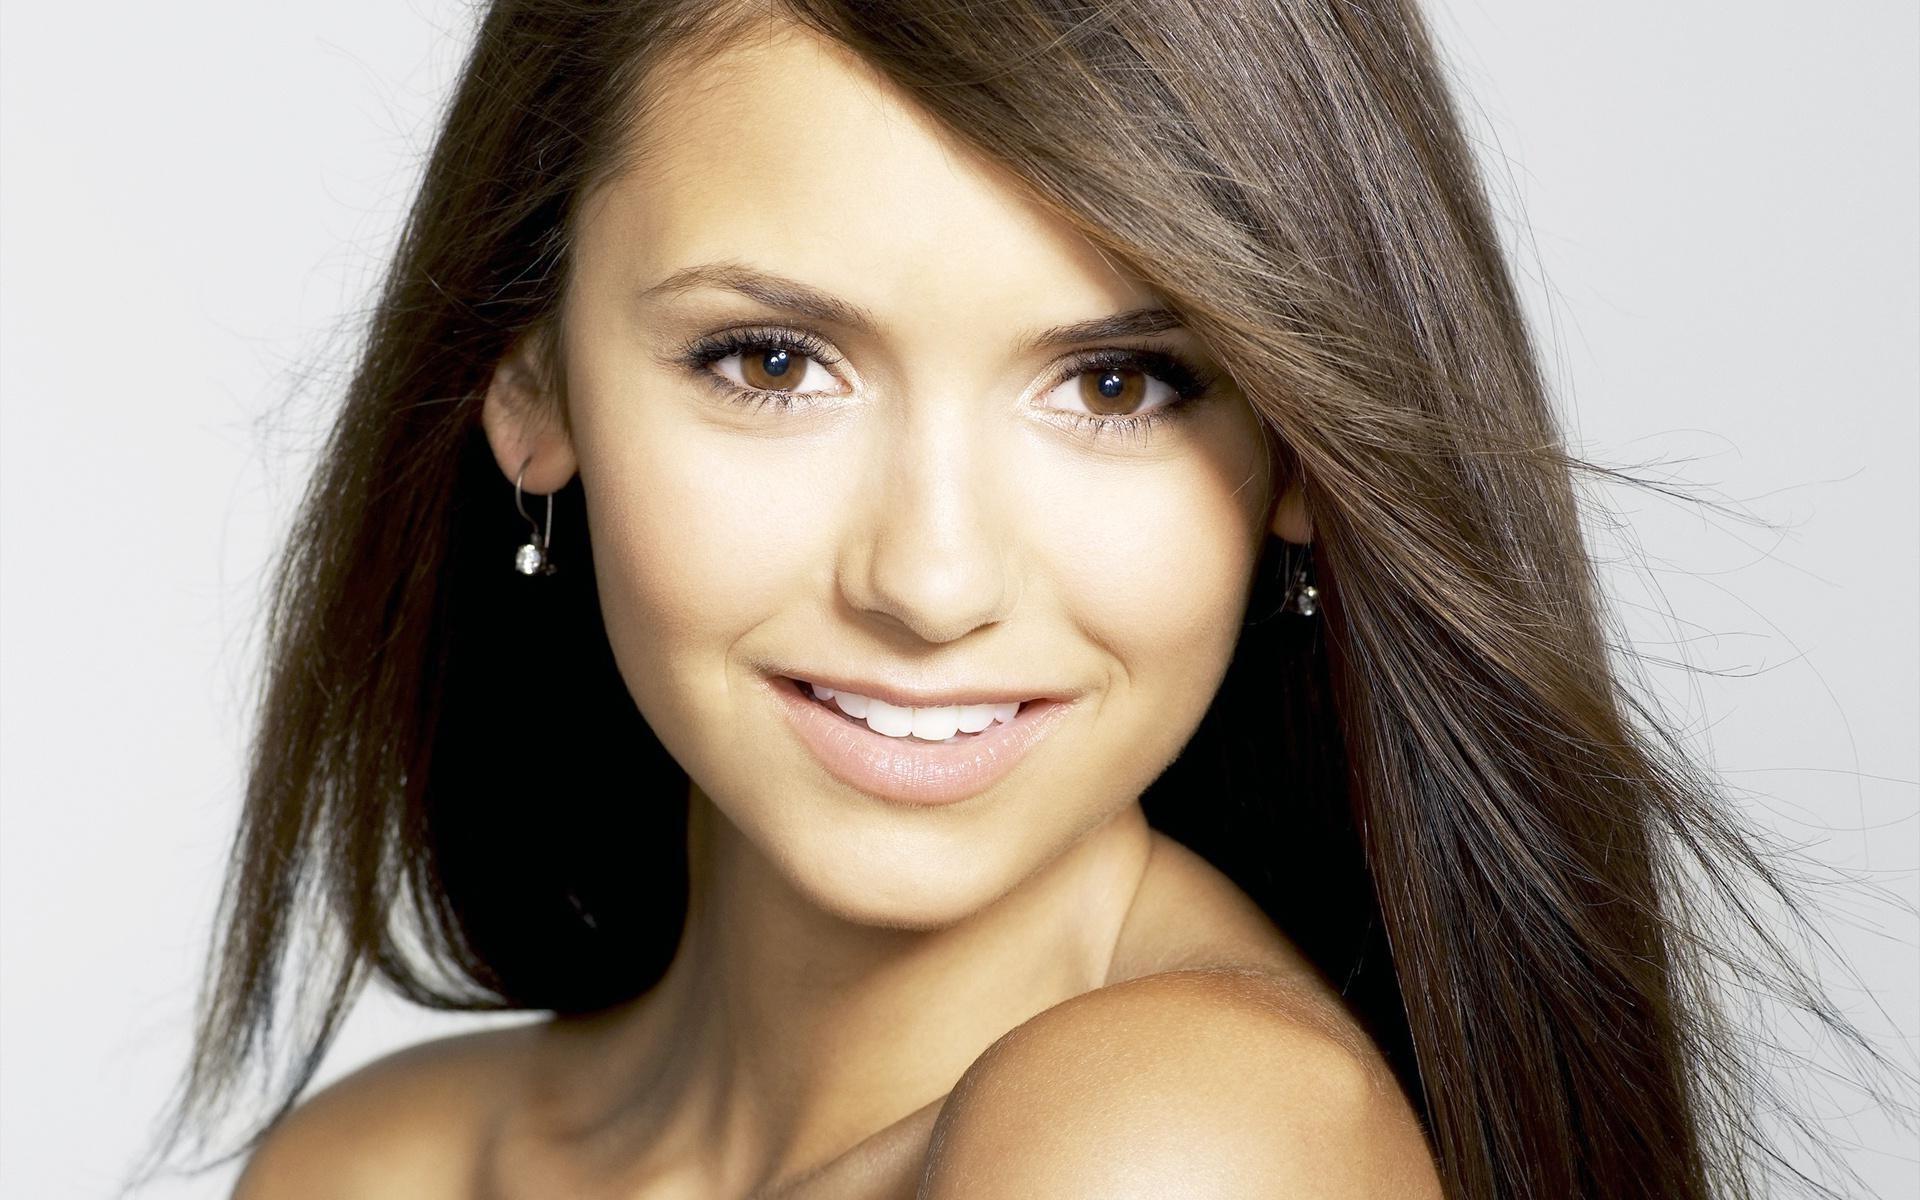 Самий красивая девушки фото 3 фотография